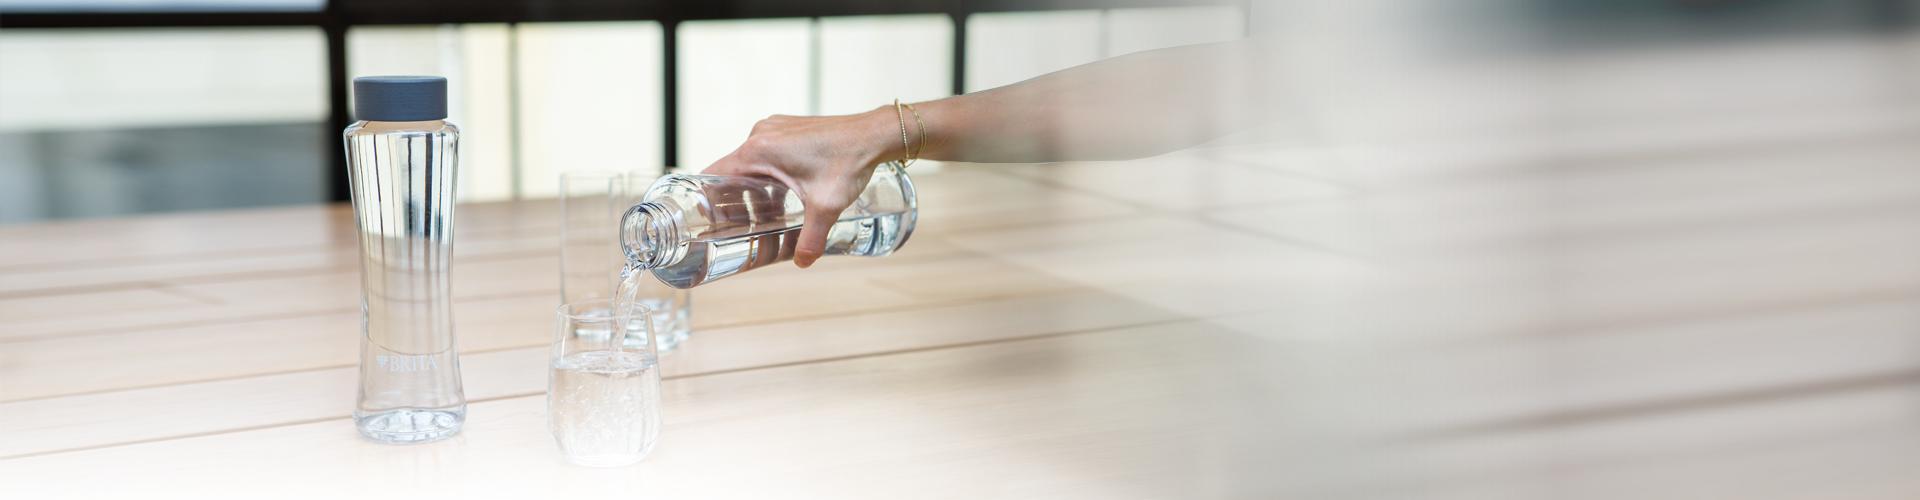 hand bottle